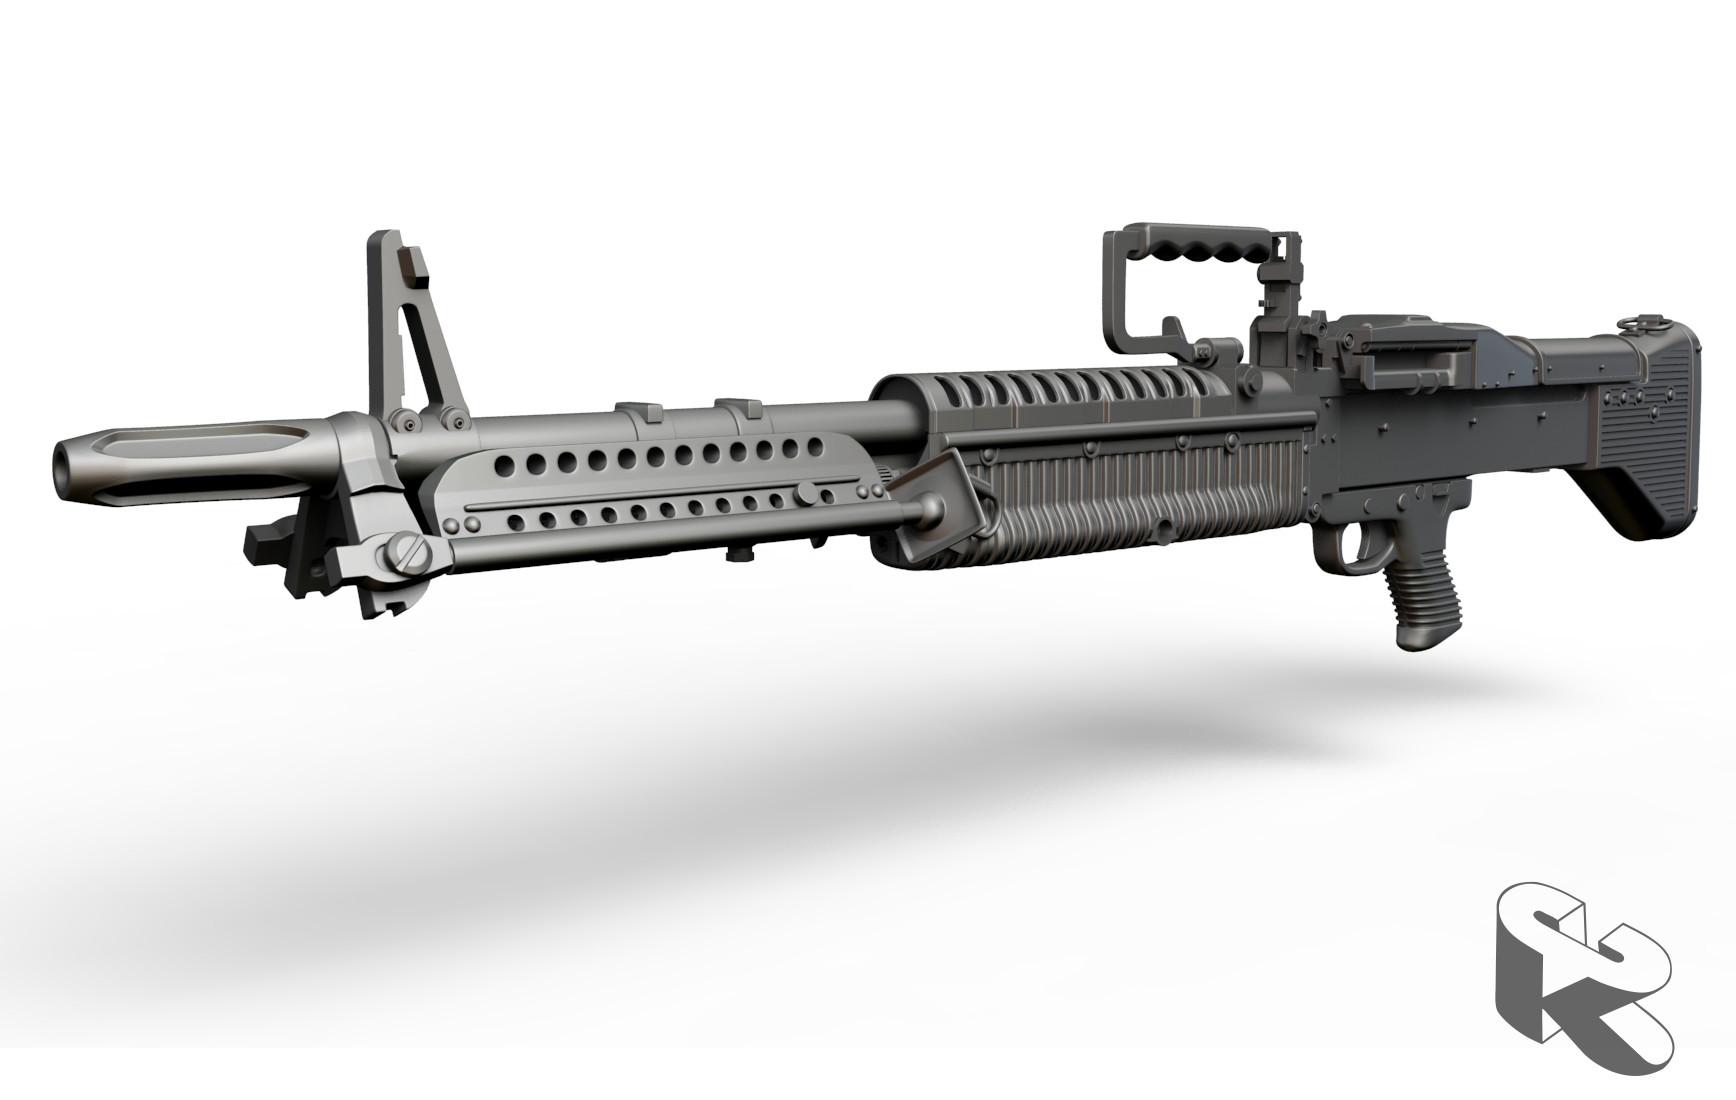 ArtStation - Vietnam Era M60 Machine Gun, Kourtney Coats